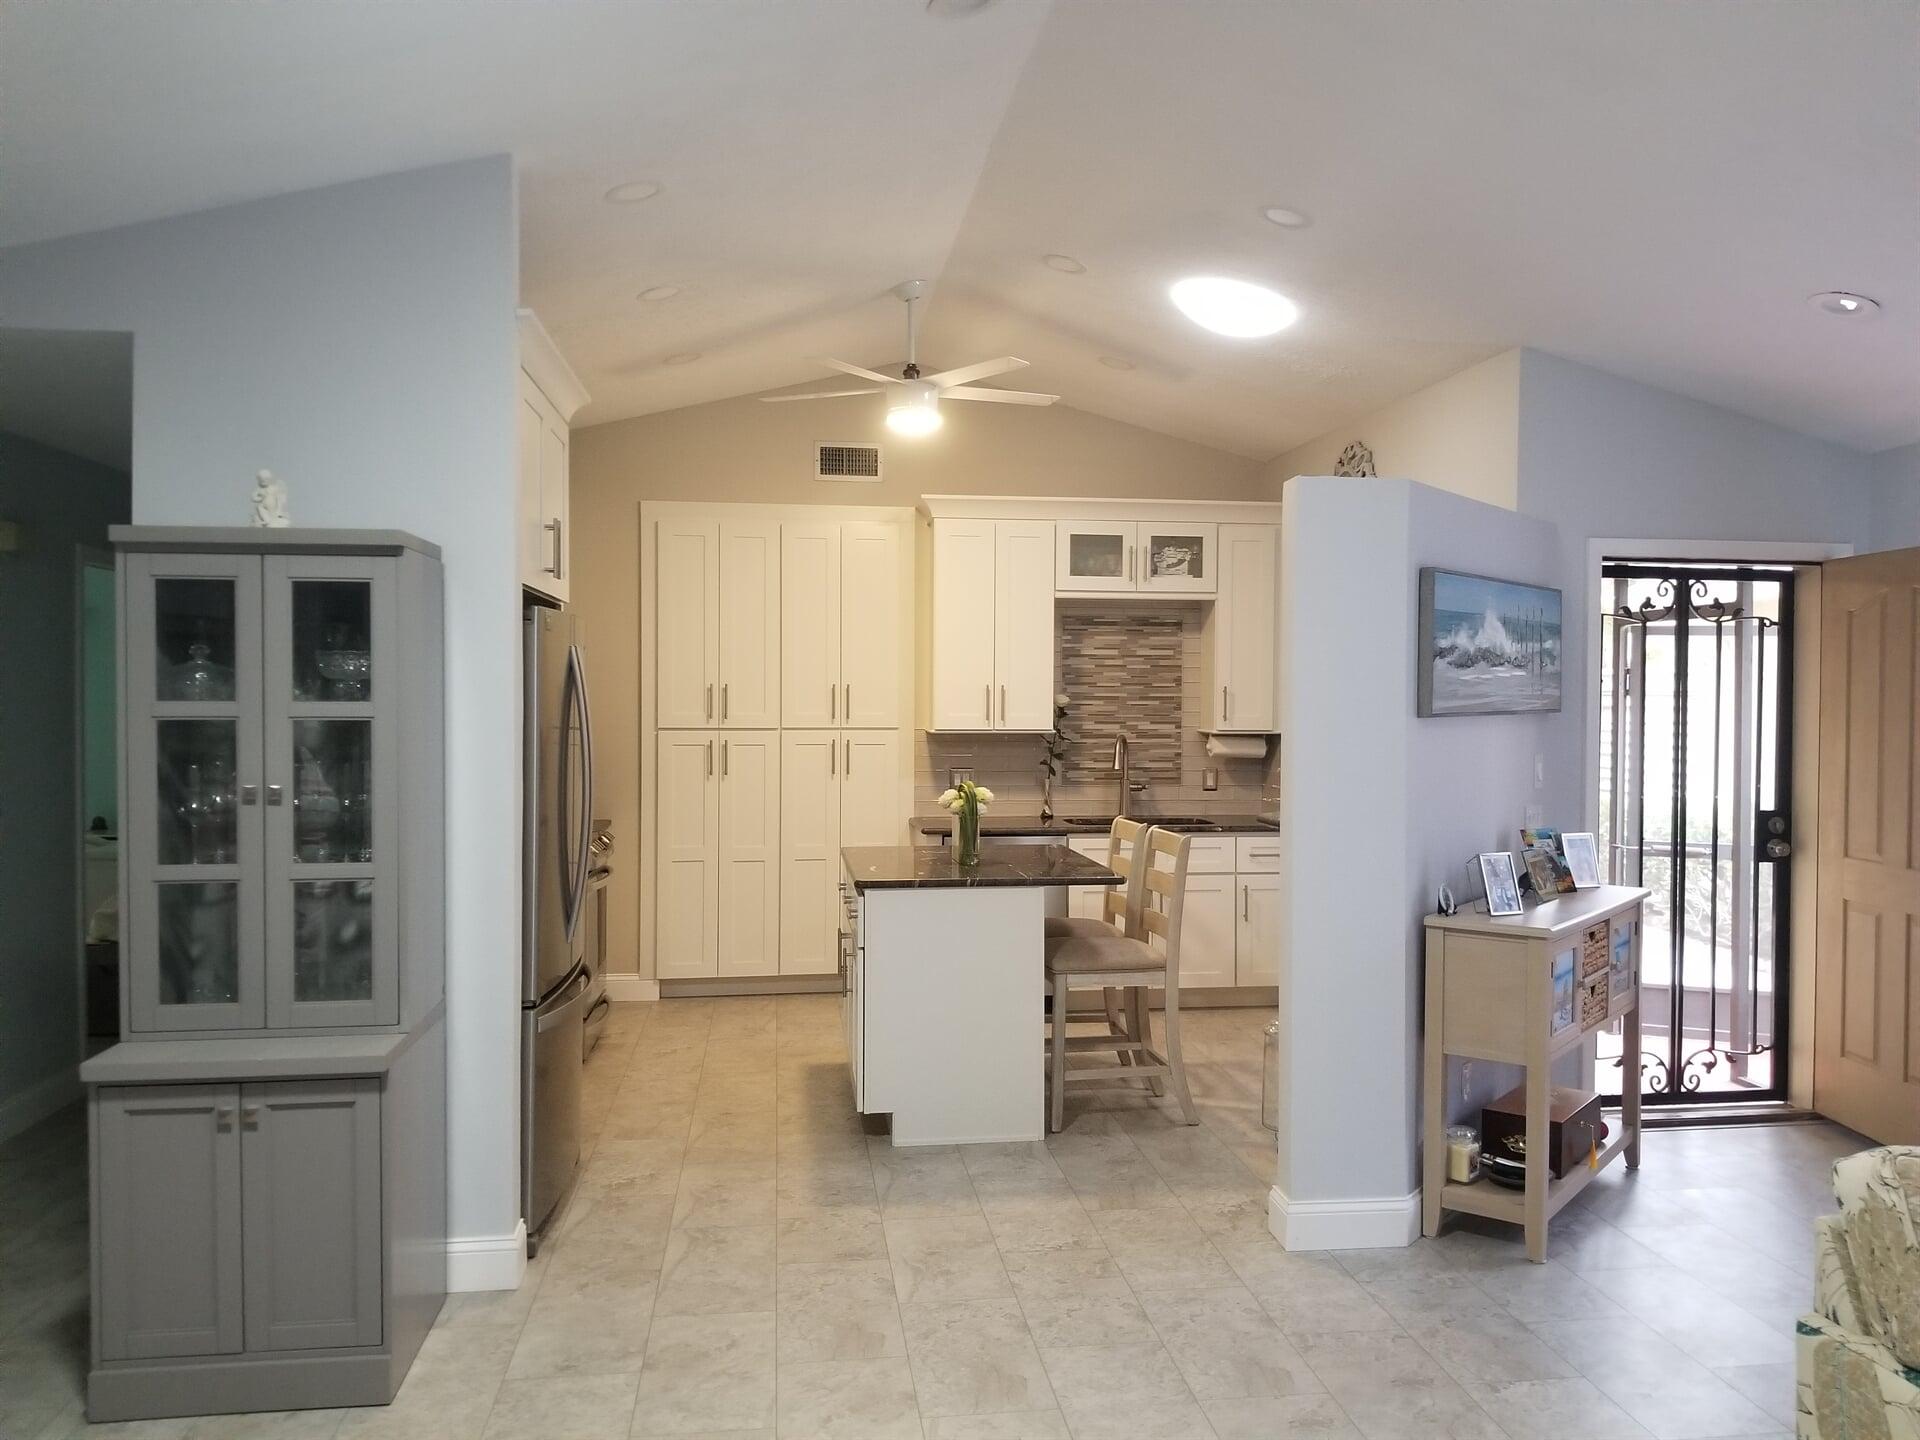 Modern kitchen design in Jensen Beach, FL from Agler Kitchen, Bath & Floors